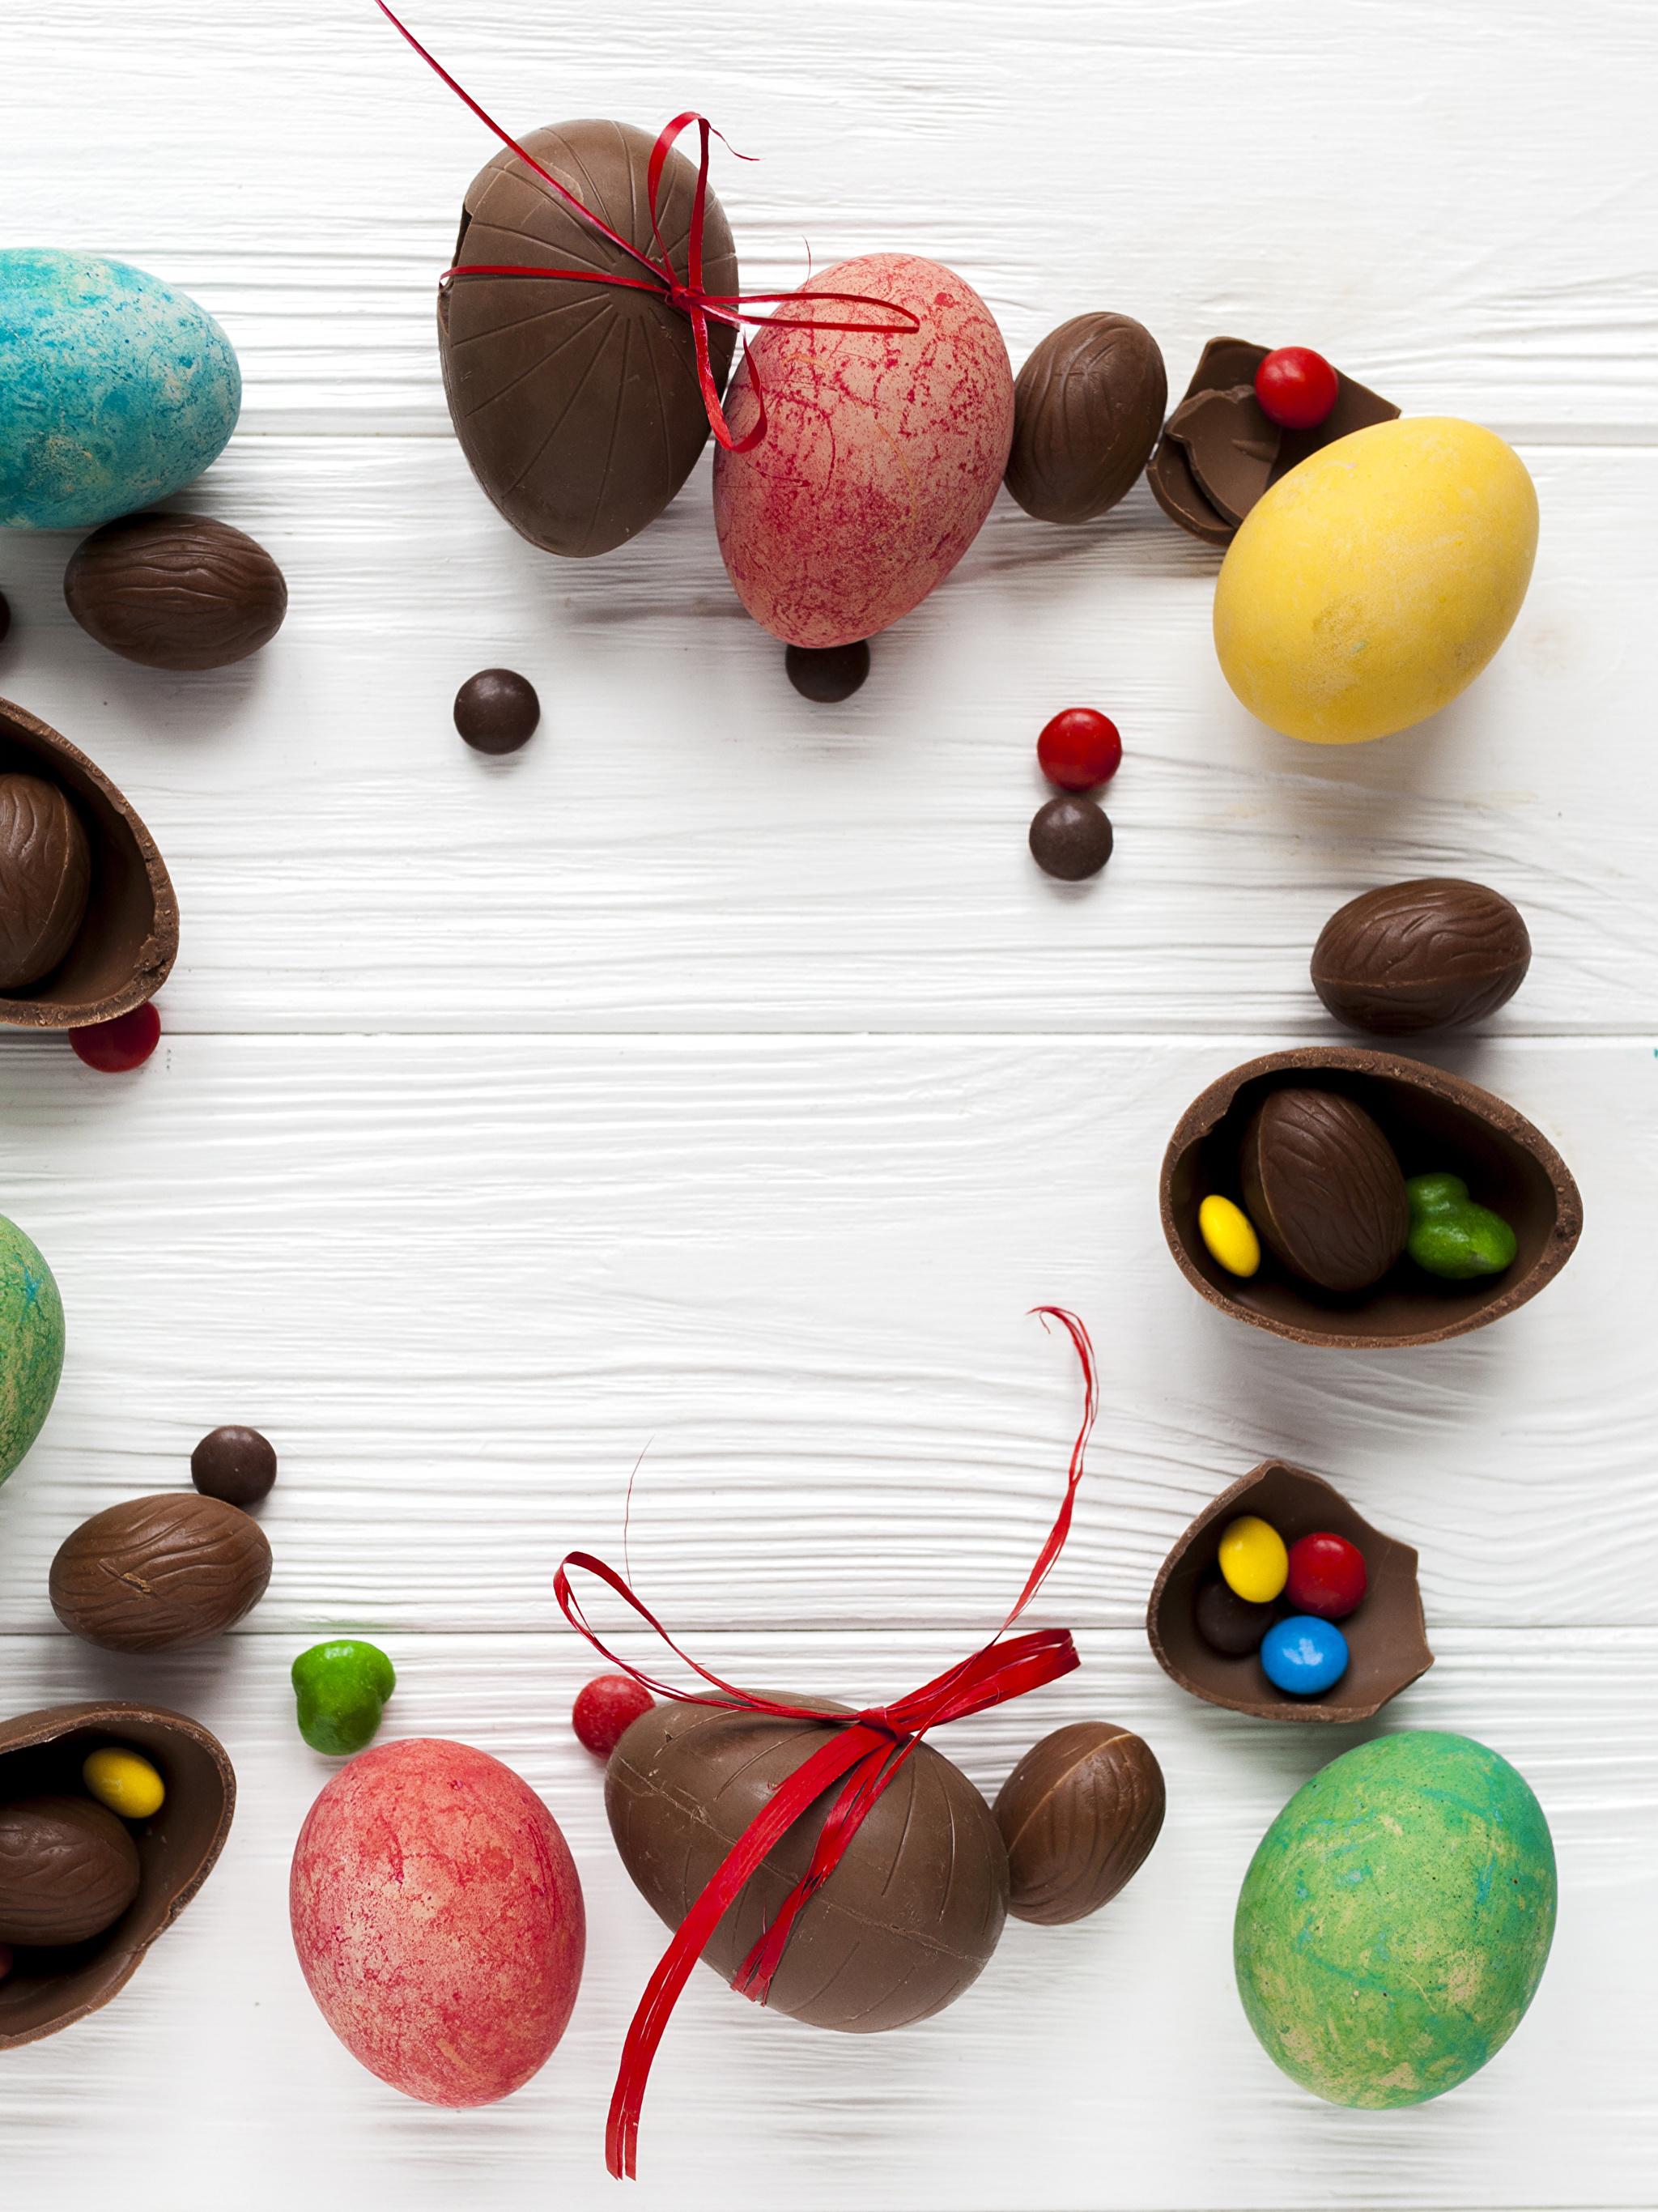 Картинка Пасха Яйца Шоколад Конфеты Еда Сладости Доски 2048x2732 Пища Продукты питания